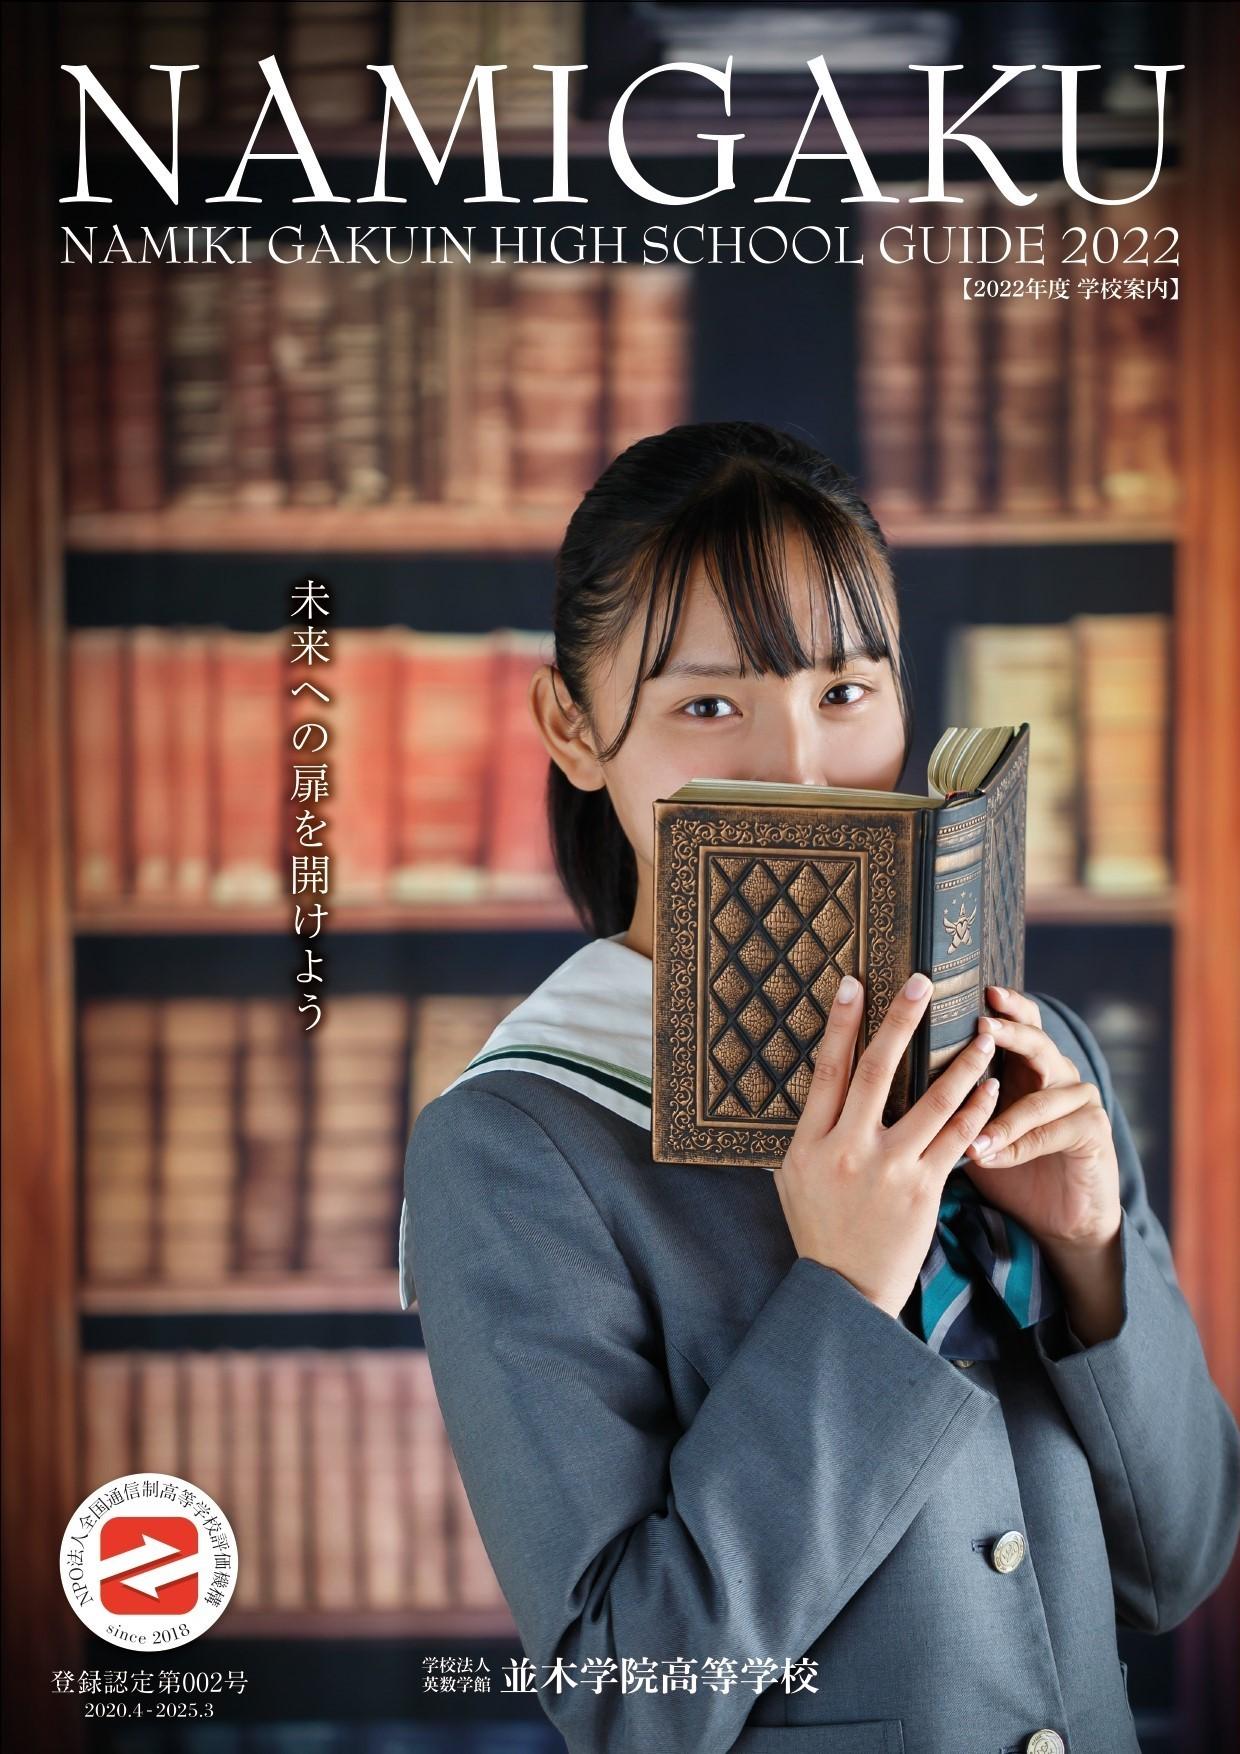 【パンフレット】印象的!な表紙の学校パンフレット